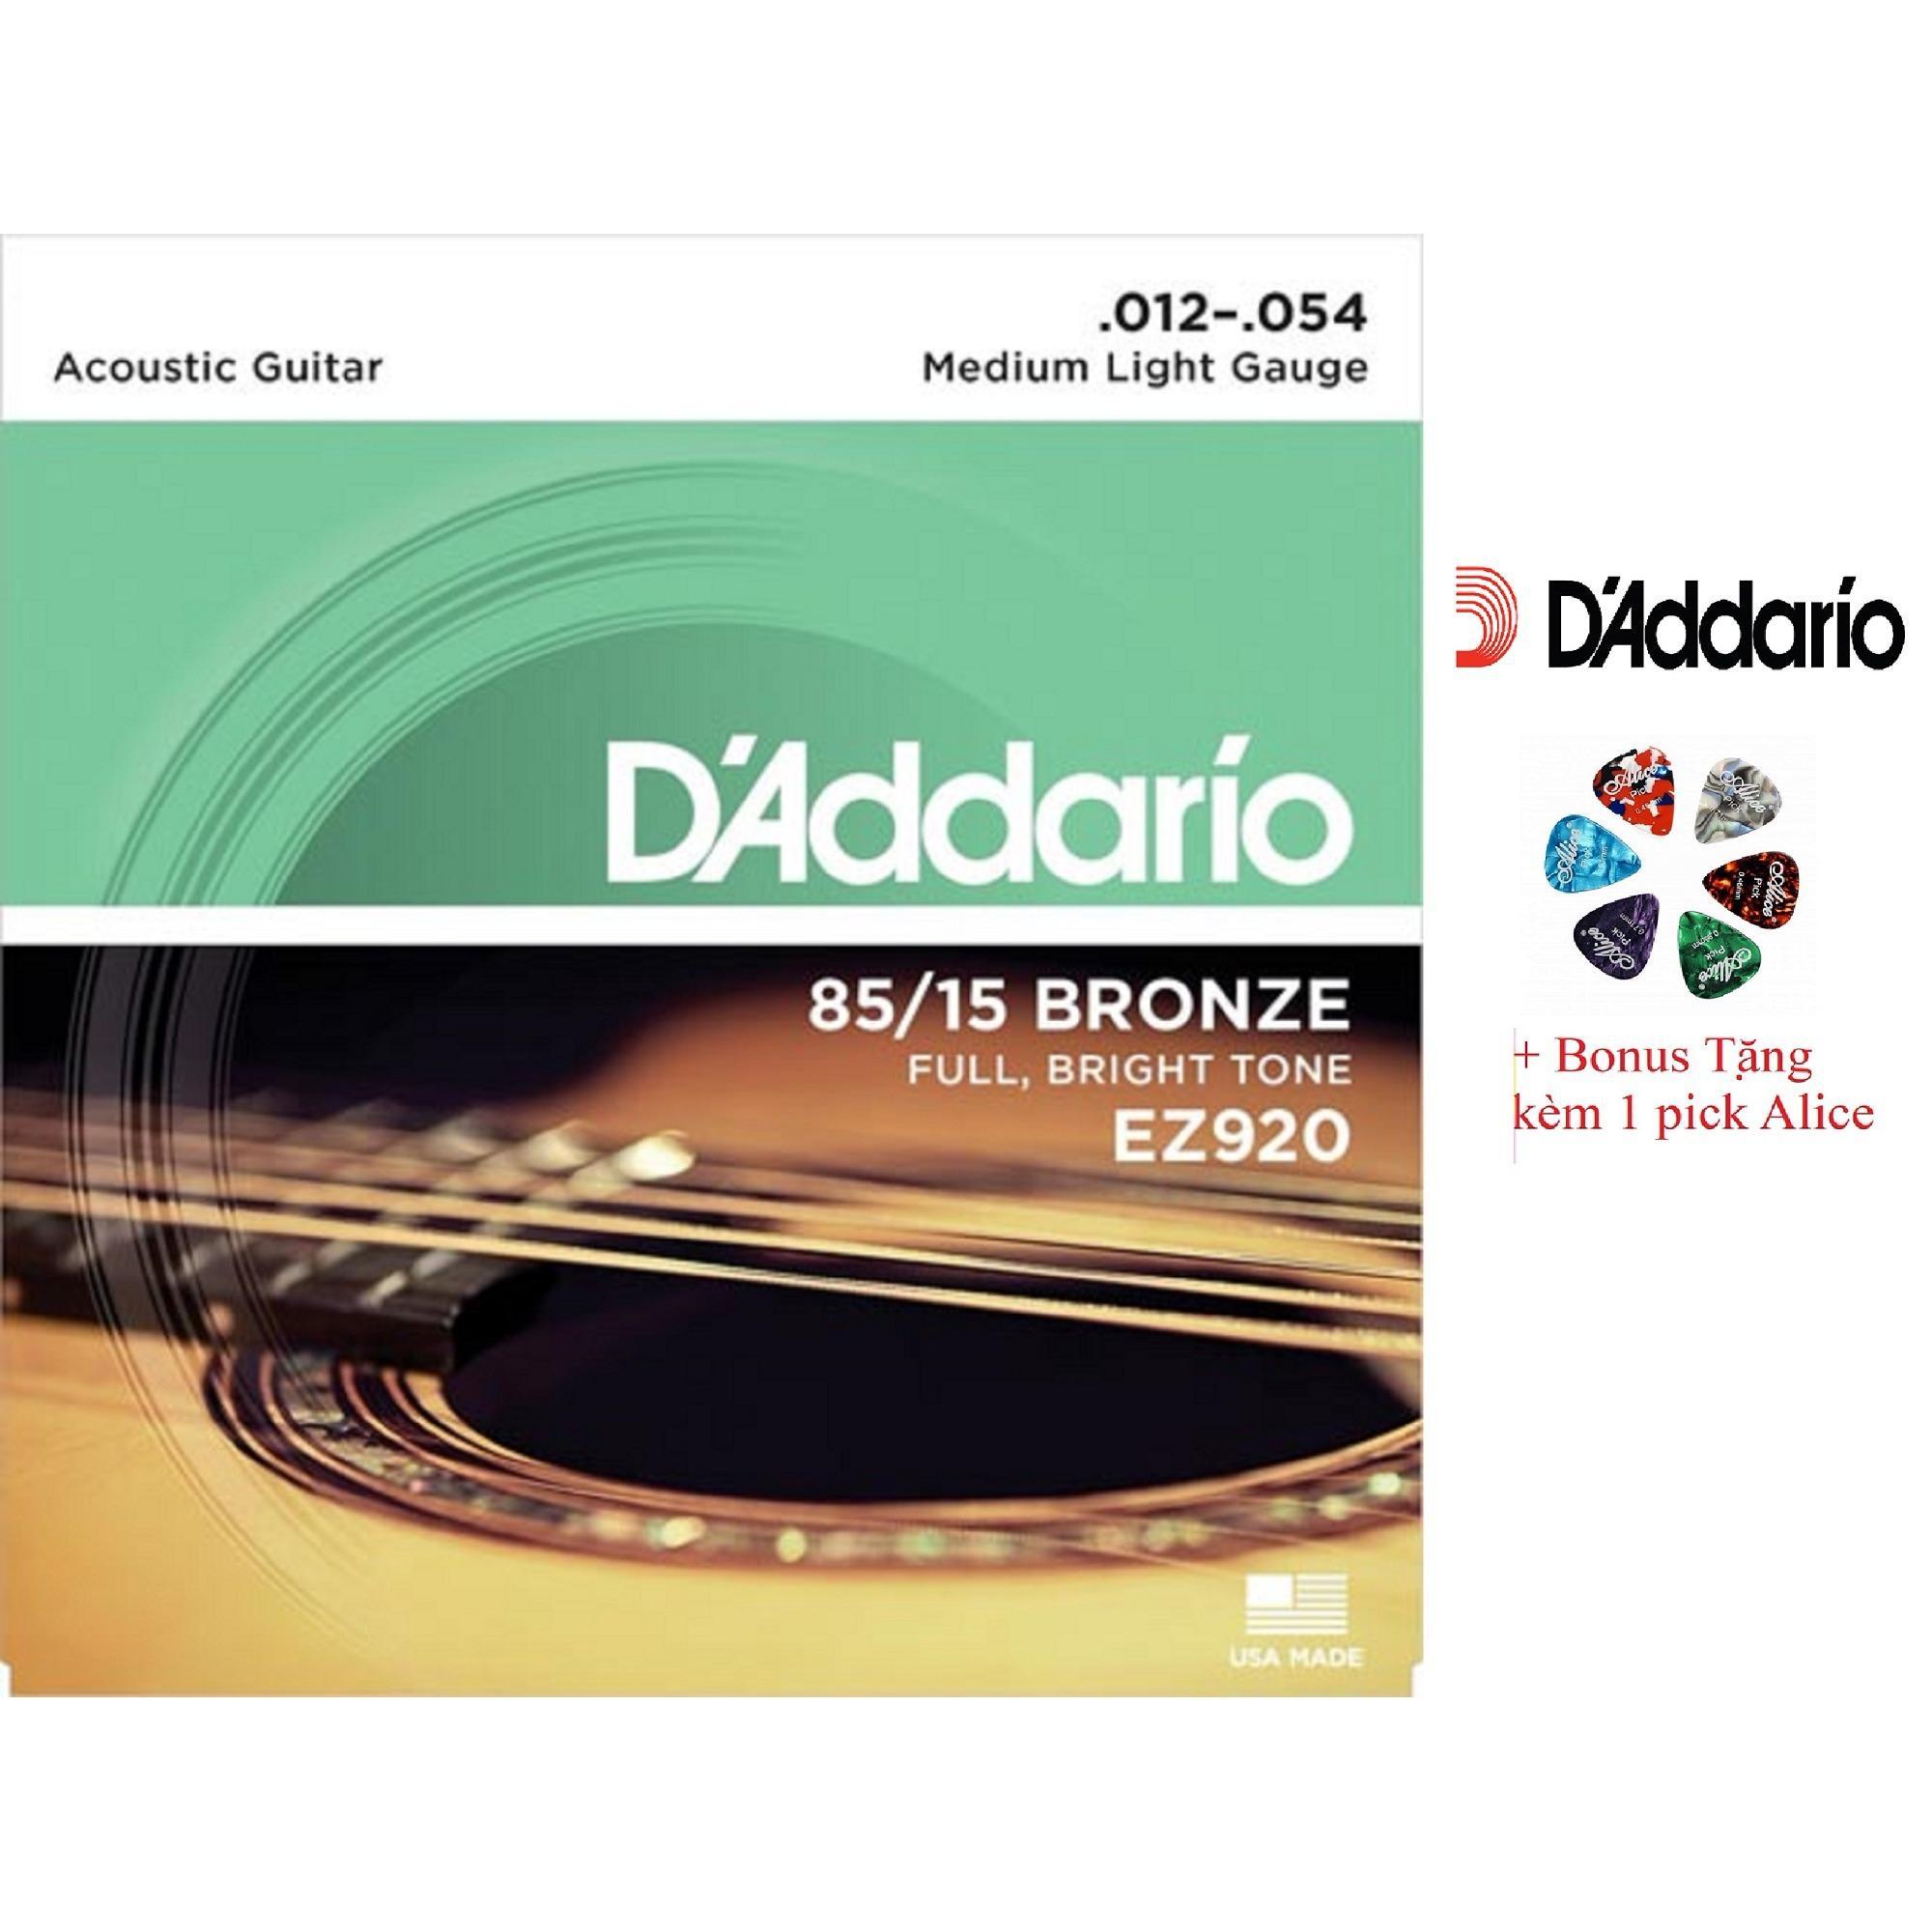 Bộ Hộp 6 Day Đan Guitar Acoustic D Addario Ez920 Cao Cấp Pick Alice Cỡ 12 Hà Nội Chiết Khấu 50